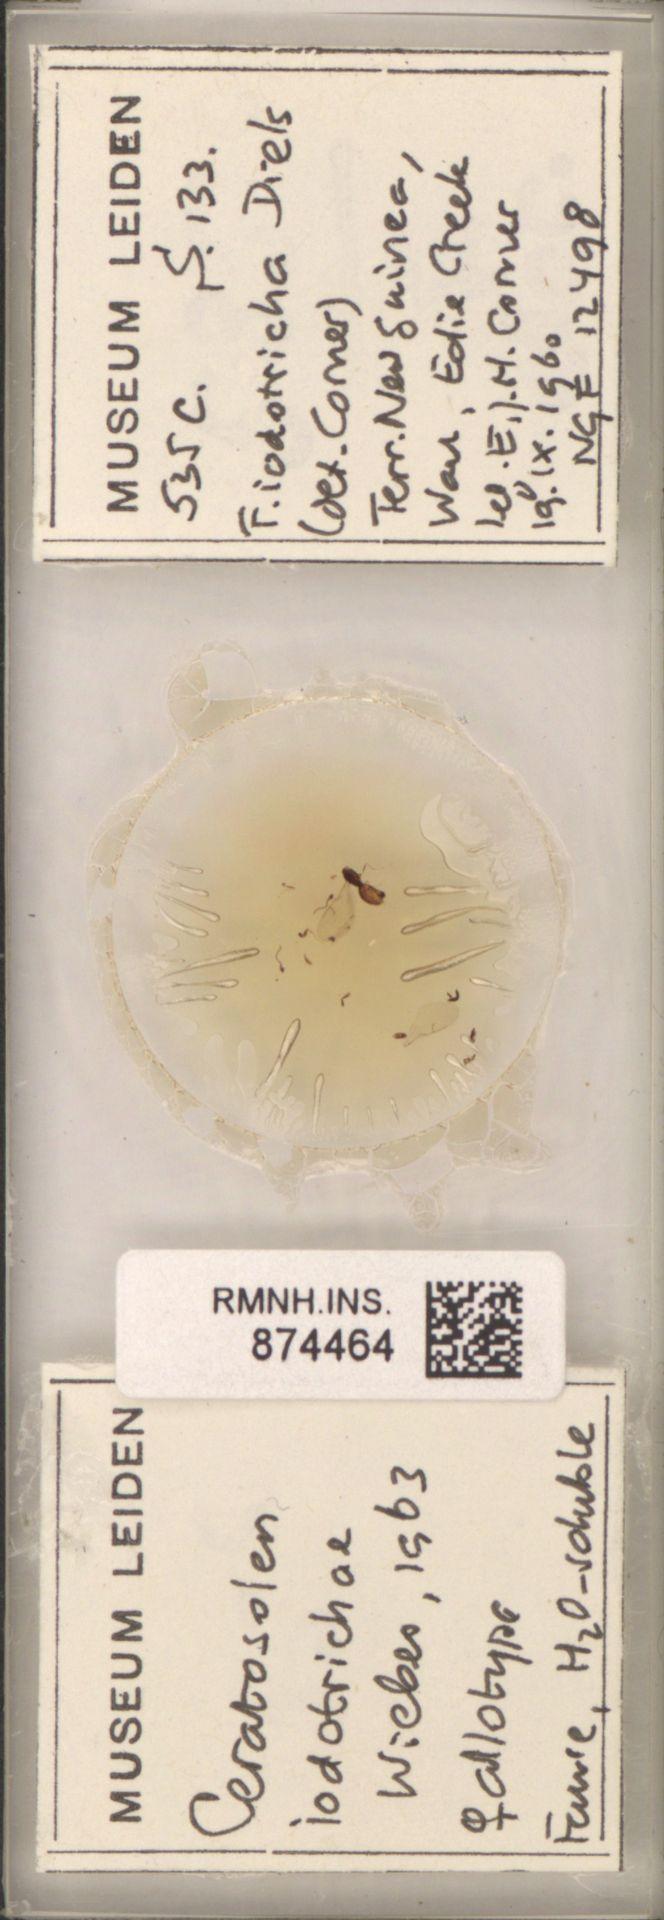 RMNH.INS.874464 | Ceratosolen iodotrichae Wiebes, 1963